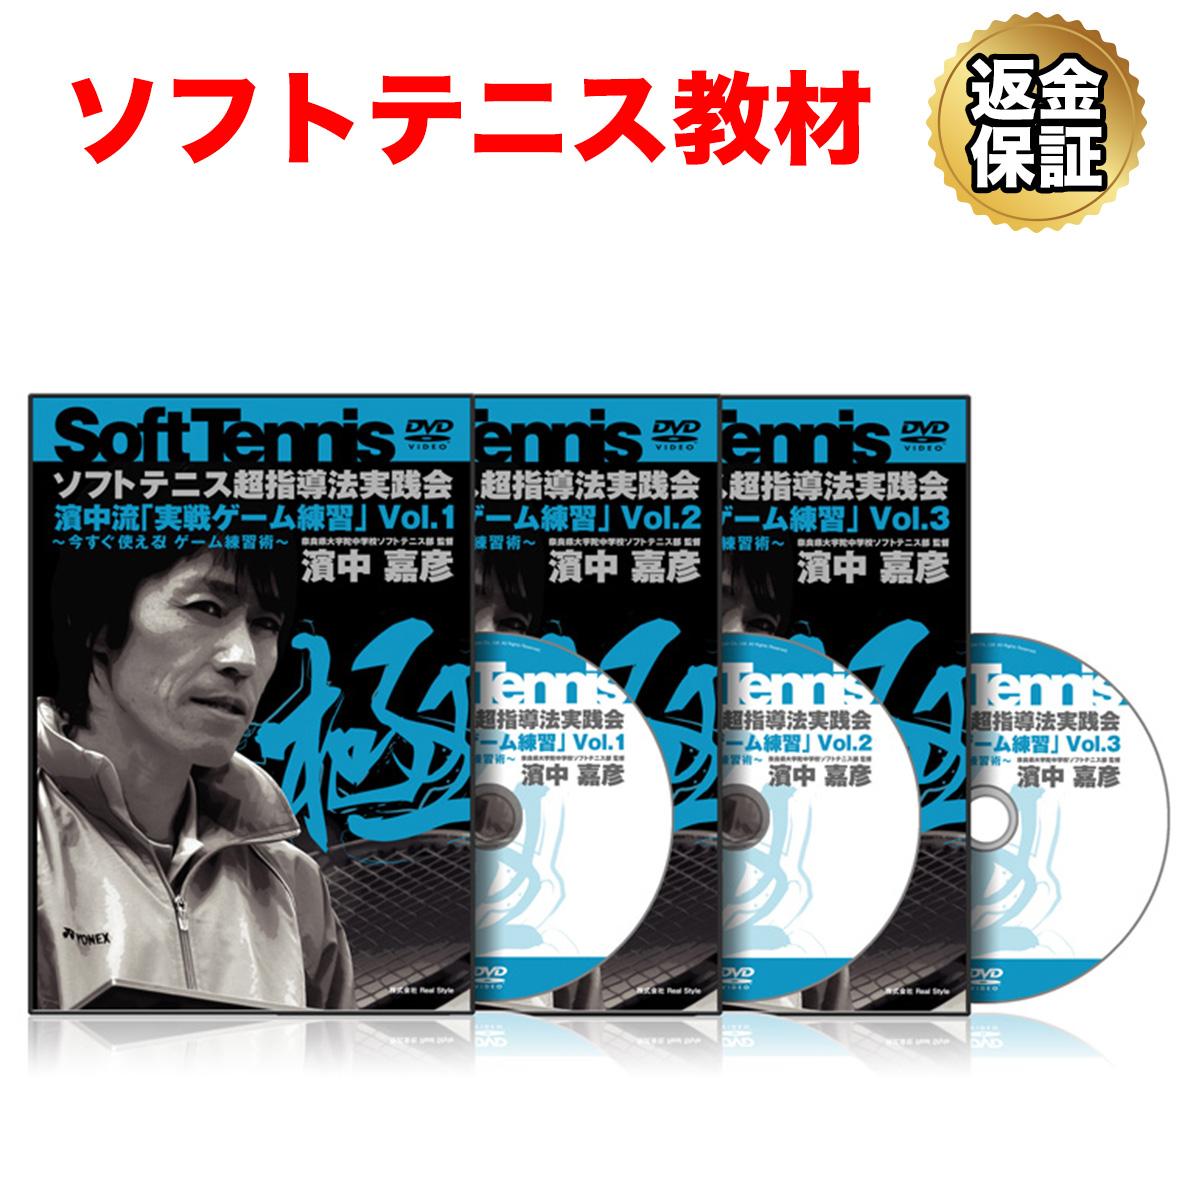 ソフトテニス 教材 DVD 濱中流「実戦ゲーム練習」~今すぐ使える!ゲーム練習術~